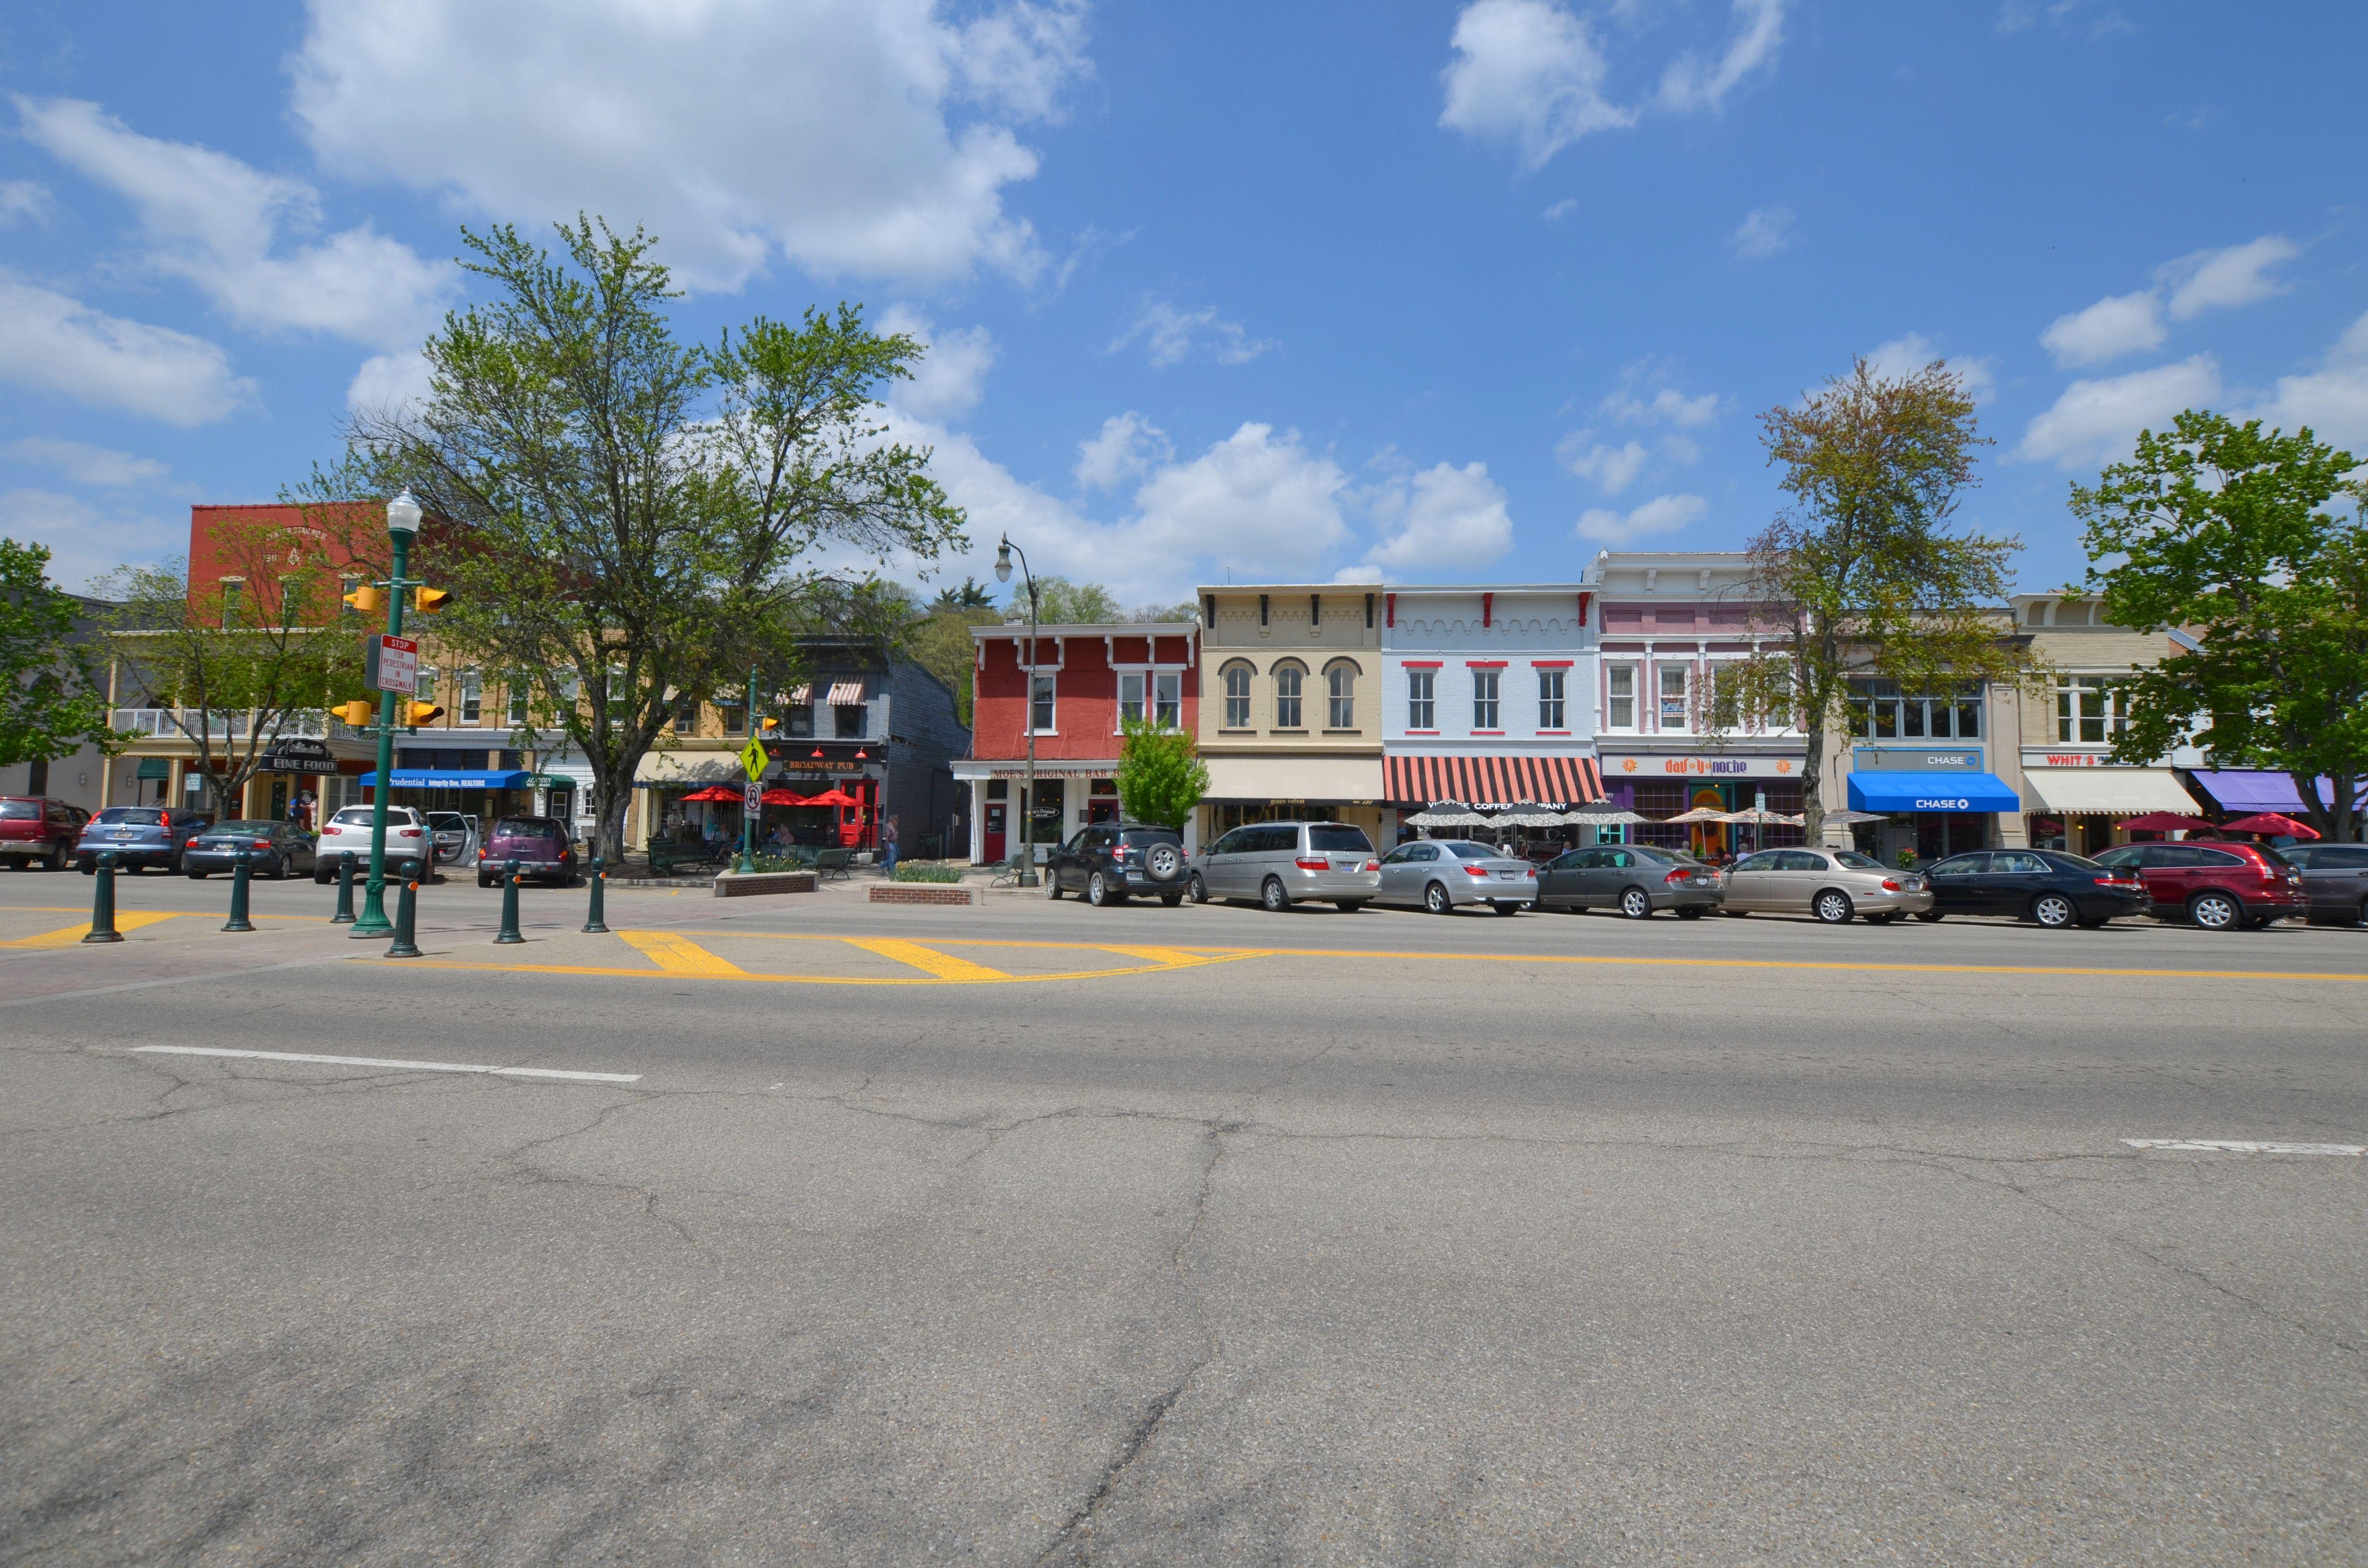 Granville Granville Village Historical Architecture